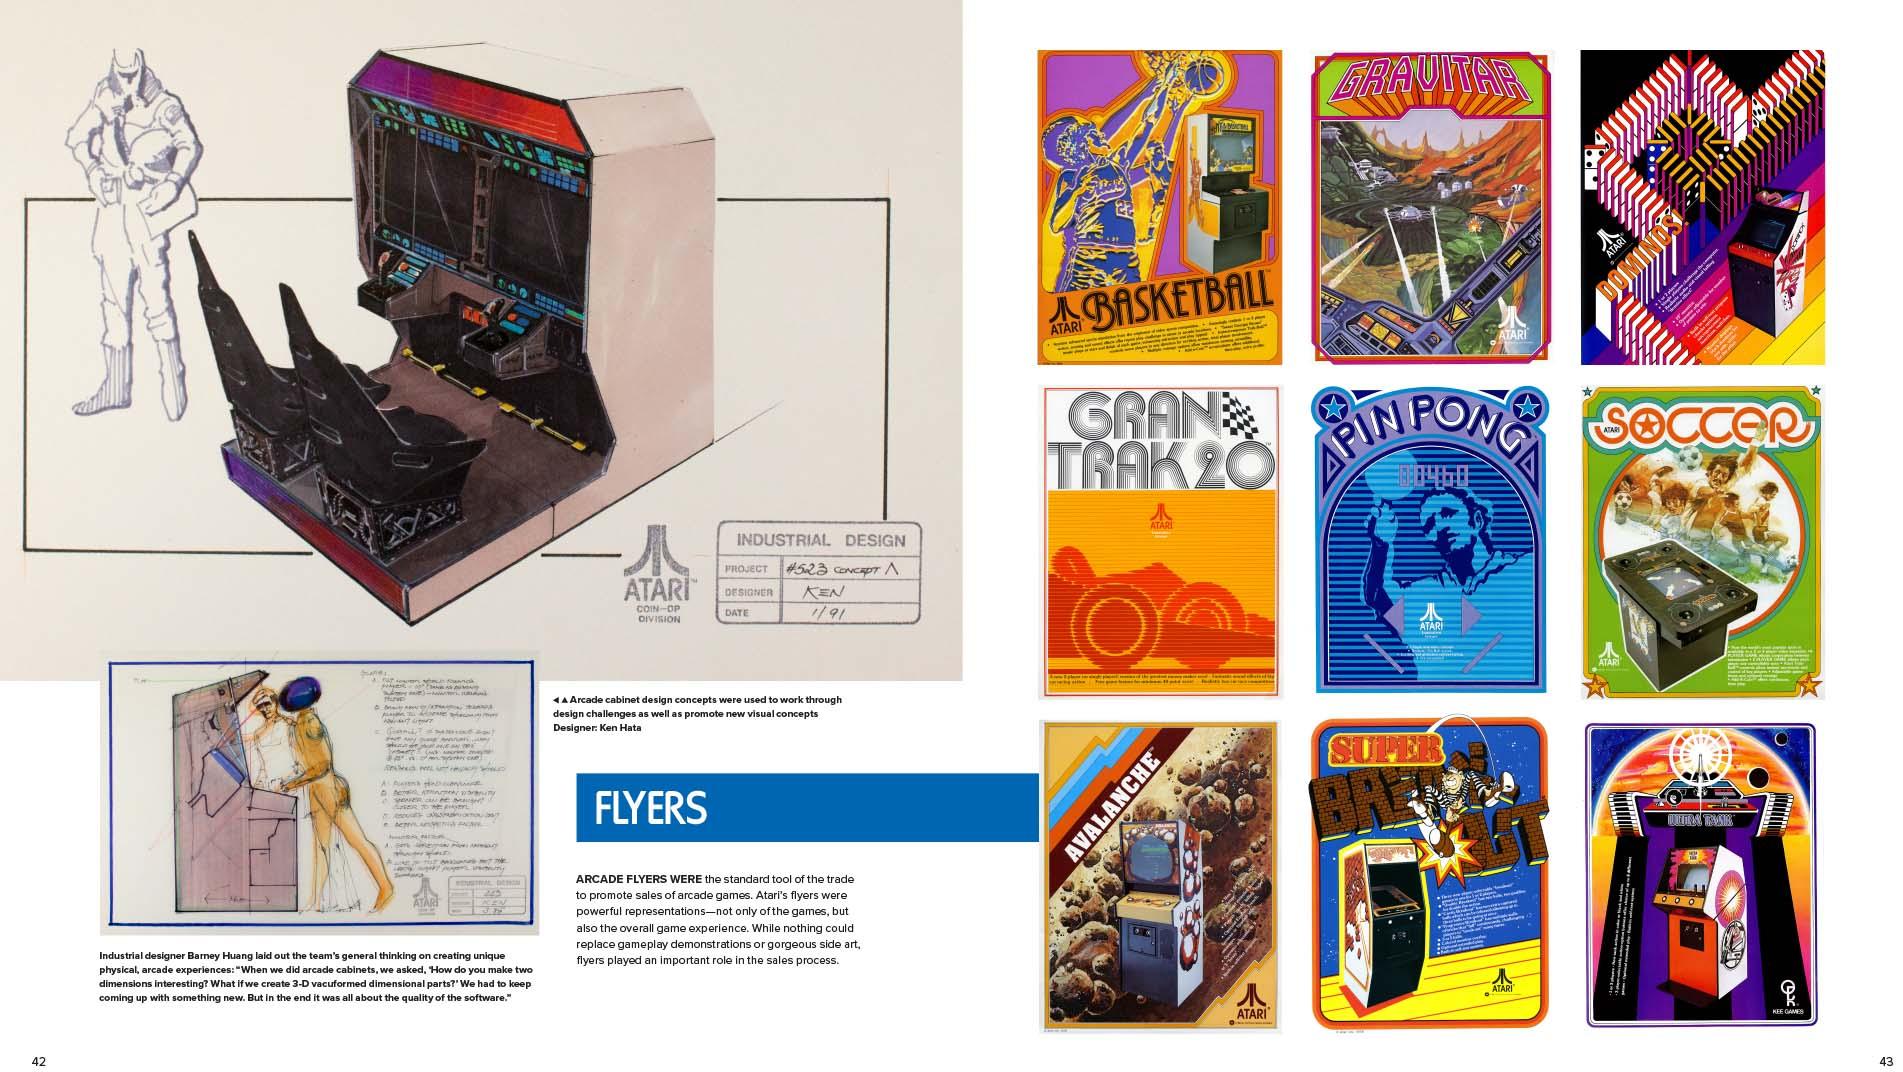 Art of Atari 42-43